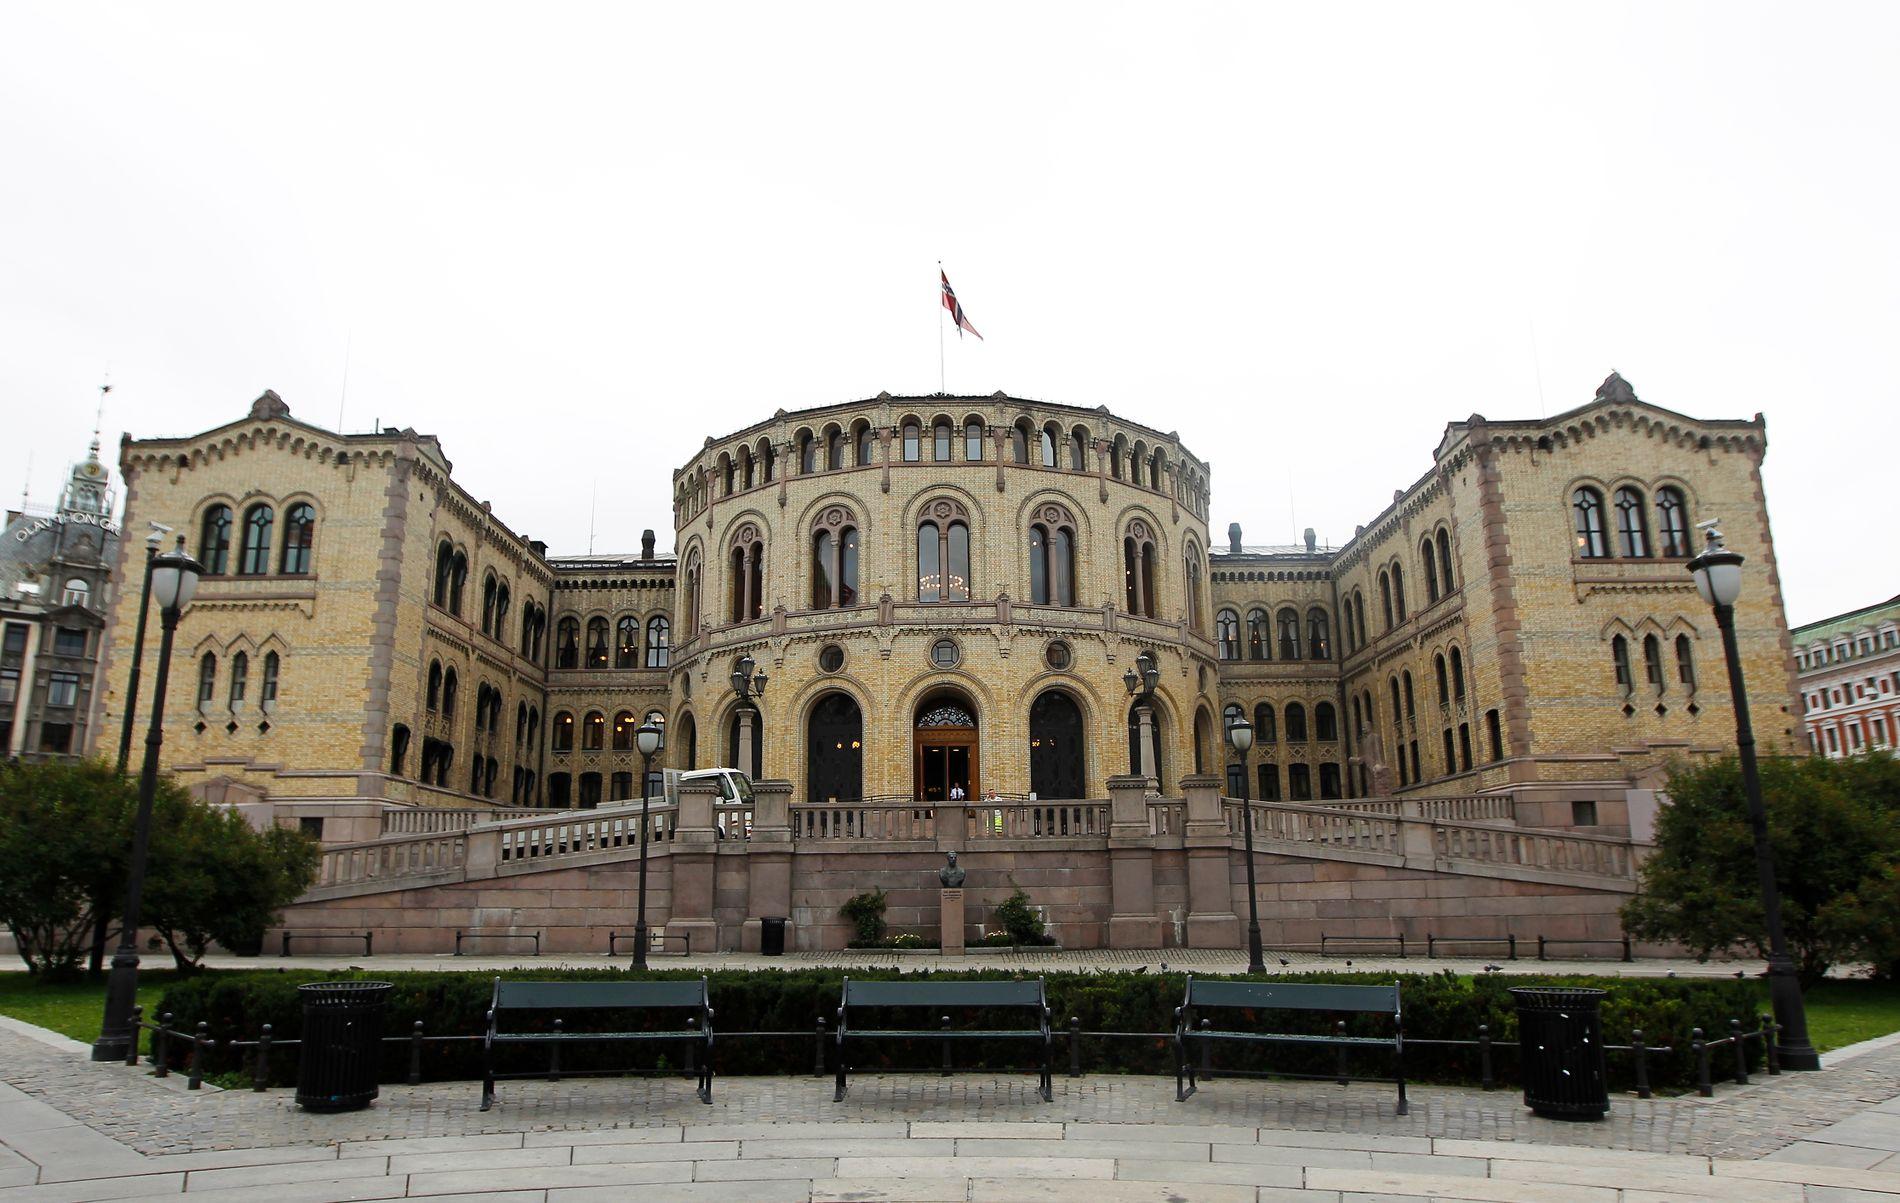 SKAL SIKRES MOT LEKKASJER: Mandag tas ekstra sikkerhetsforanstaltninger på Stortinget. Foto:ROGER NEUMANN/VG